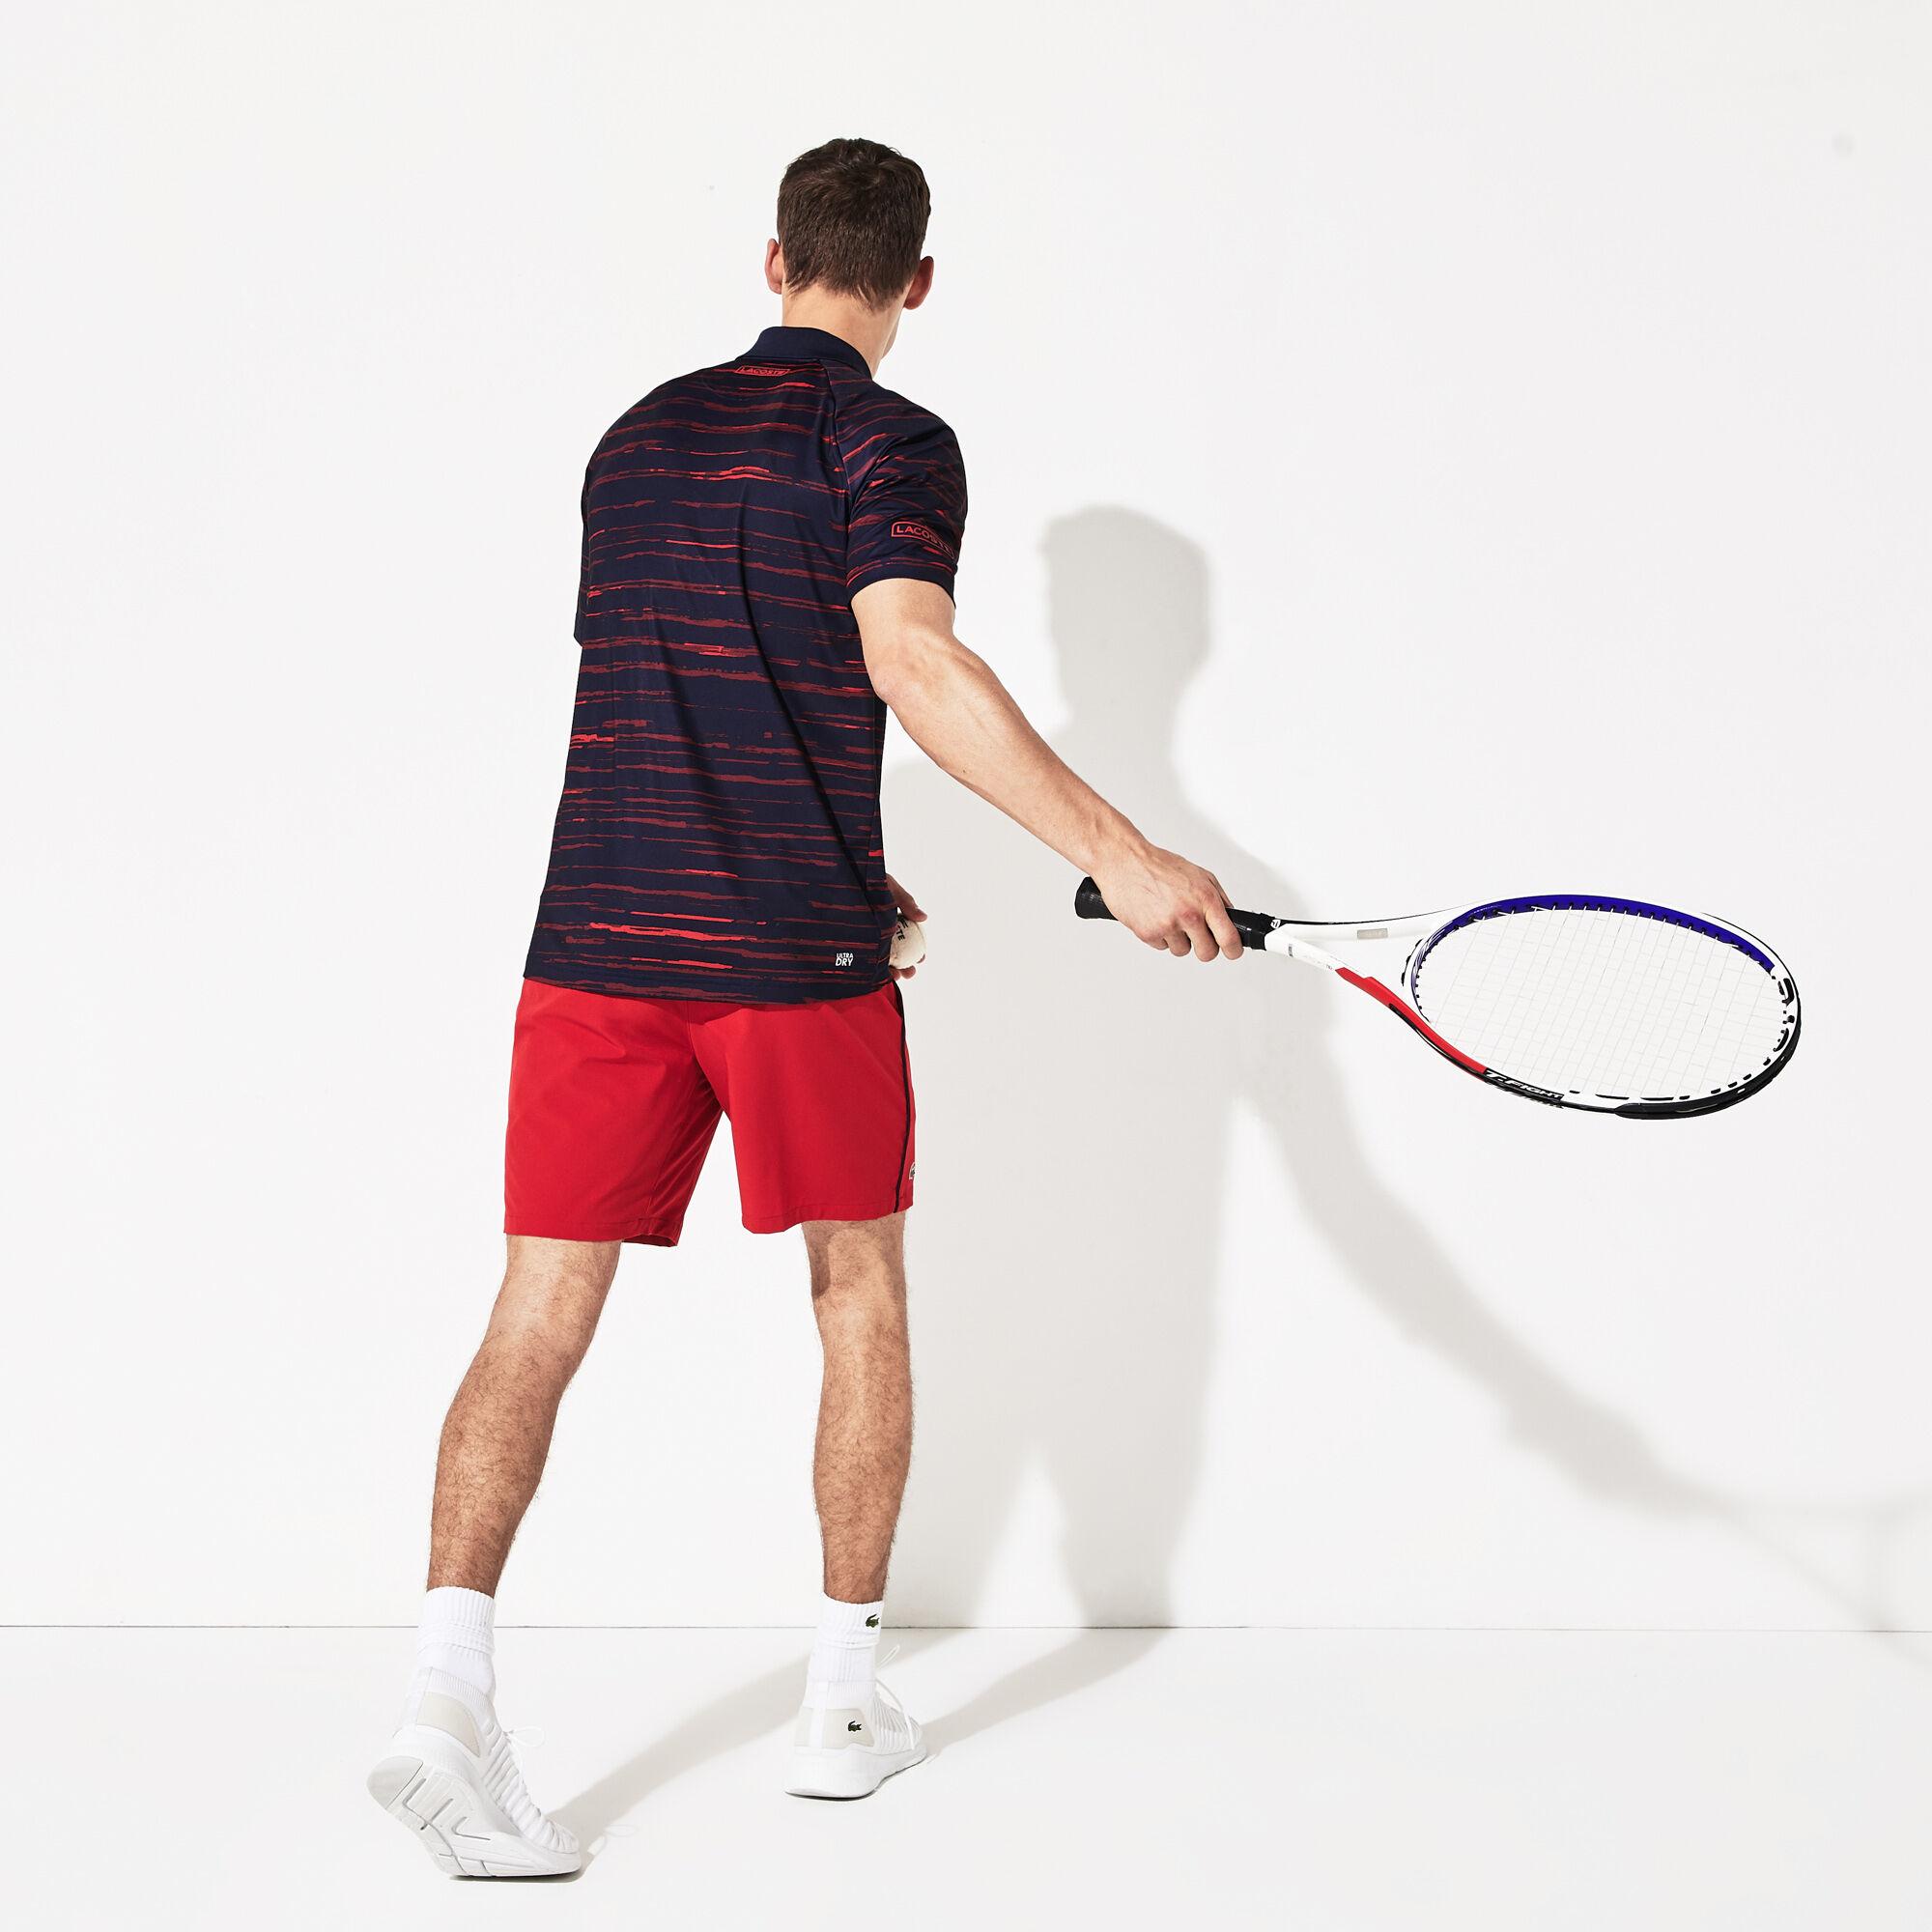 قميص بولو للرجال من الجيرسيه مزدان بالطبعات الخاصة بمجموعة Novak Djokovic منLacoste SPORT